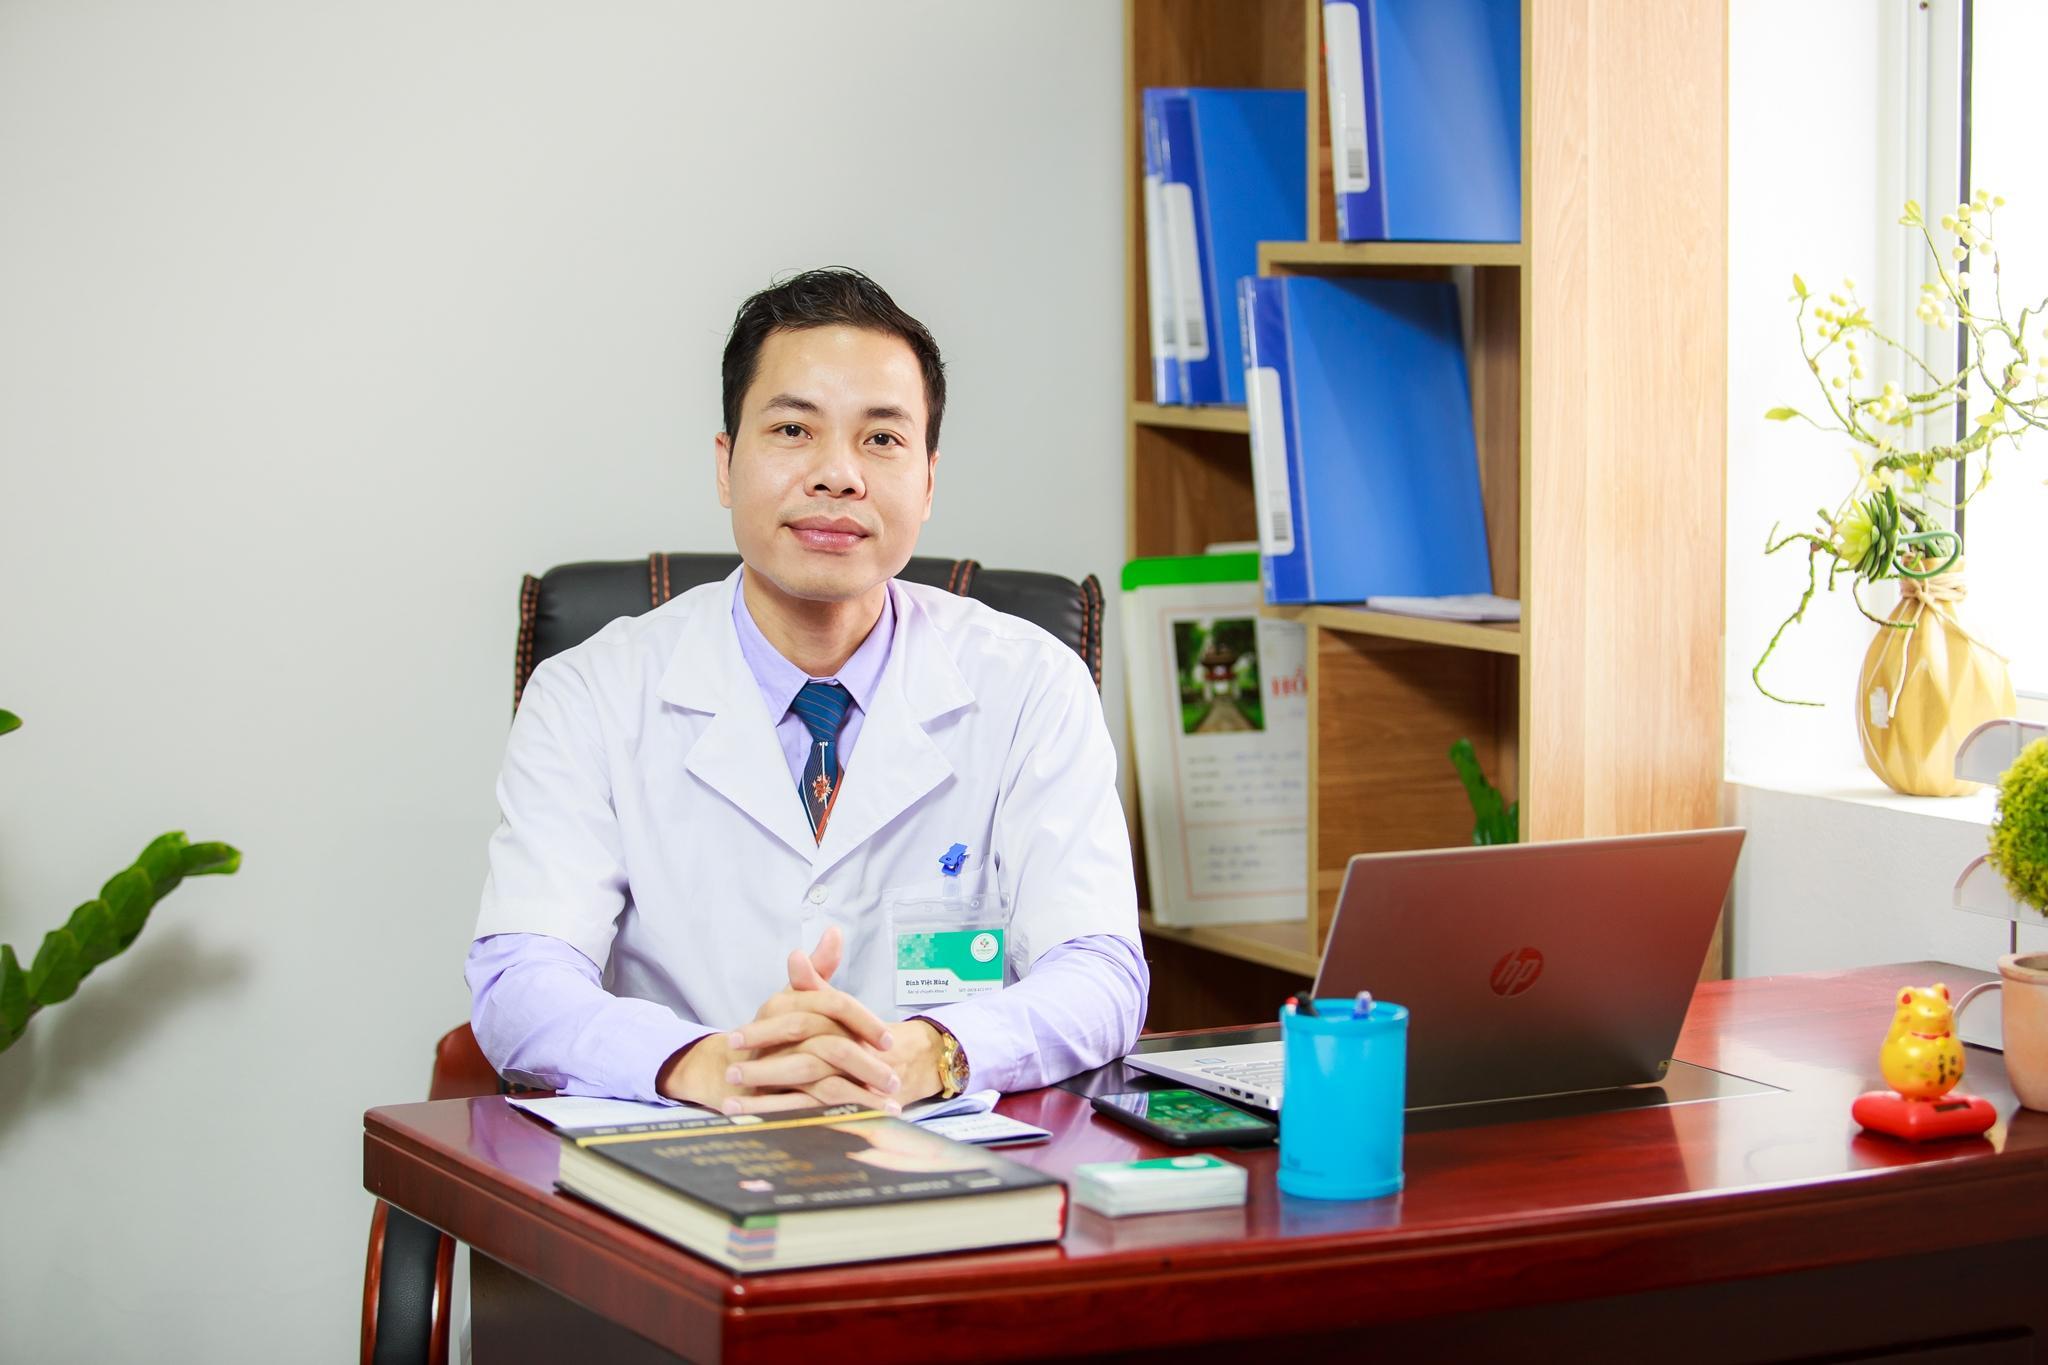 Bác sĩ chuyên khoa 1 Đinh Việt Hùng mở ra kỳ tích y khoa từ phương pháp mới trong điều trị bệnh cơ xương khớp - Ảnh 1